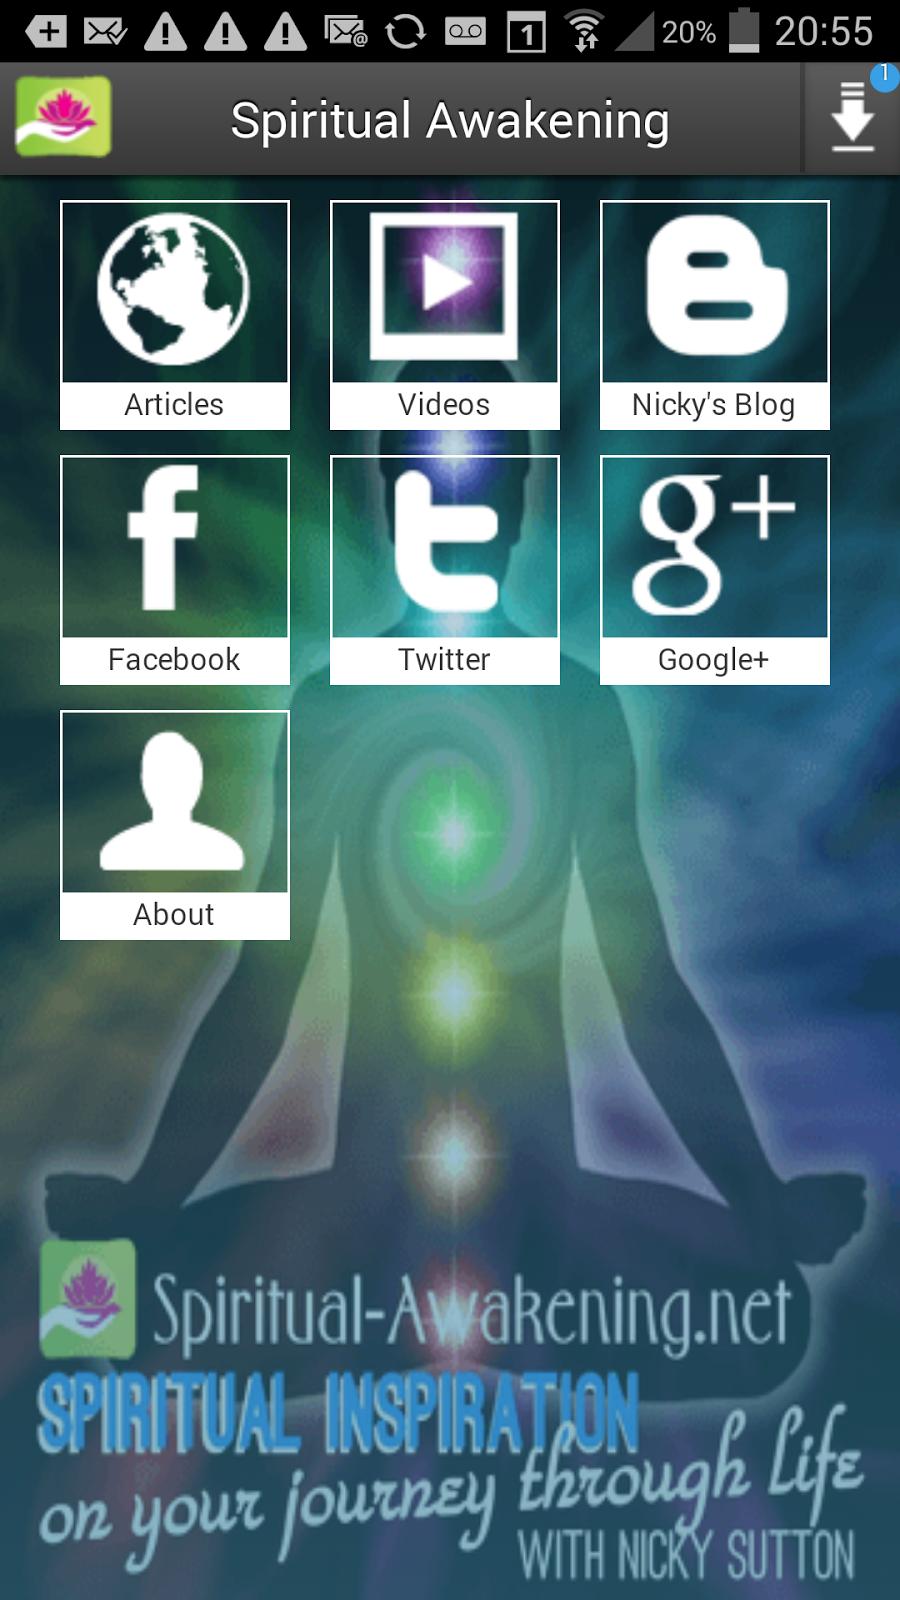 Free Android App for Spiritual Awakening